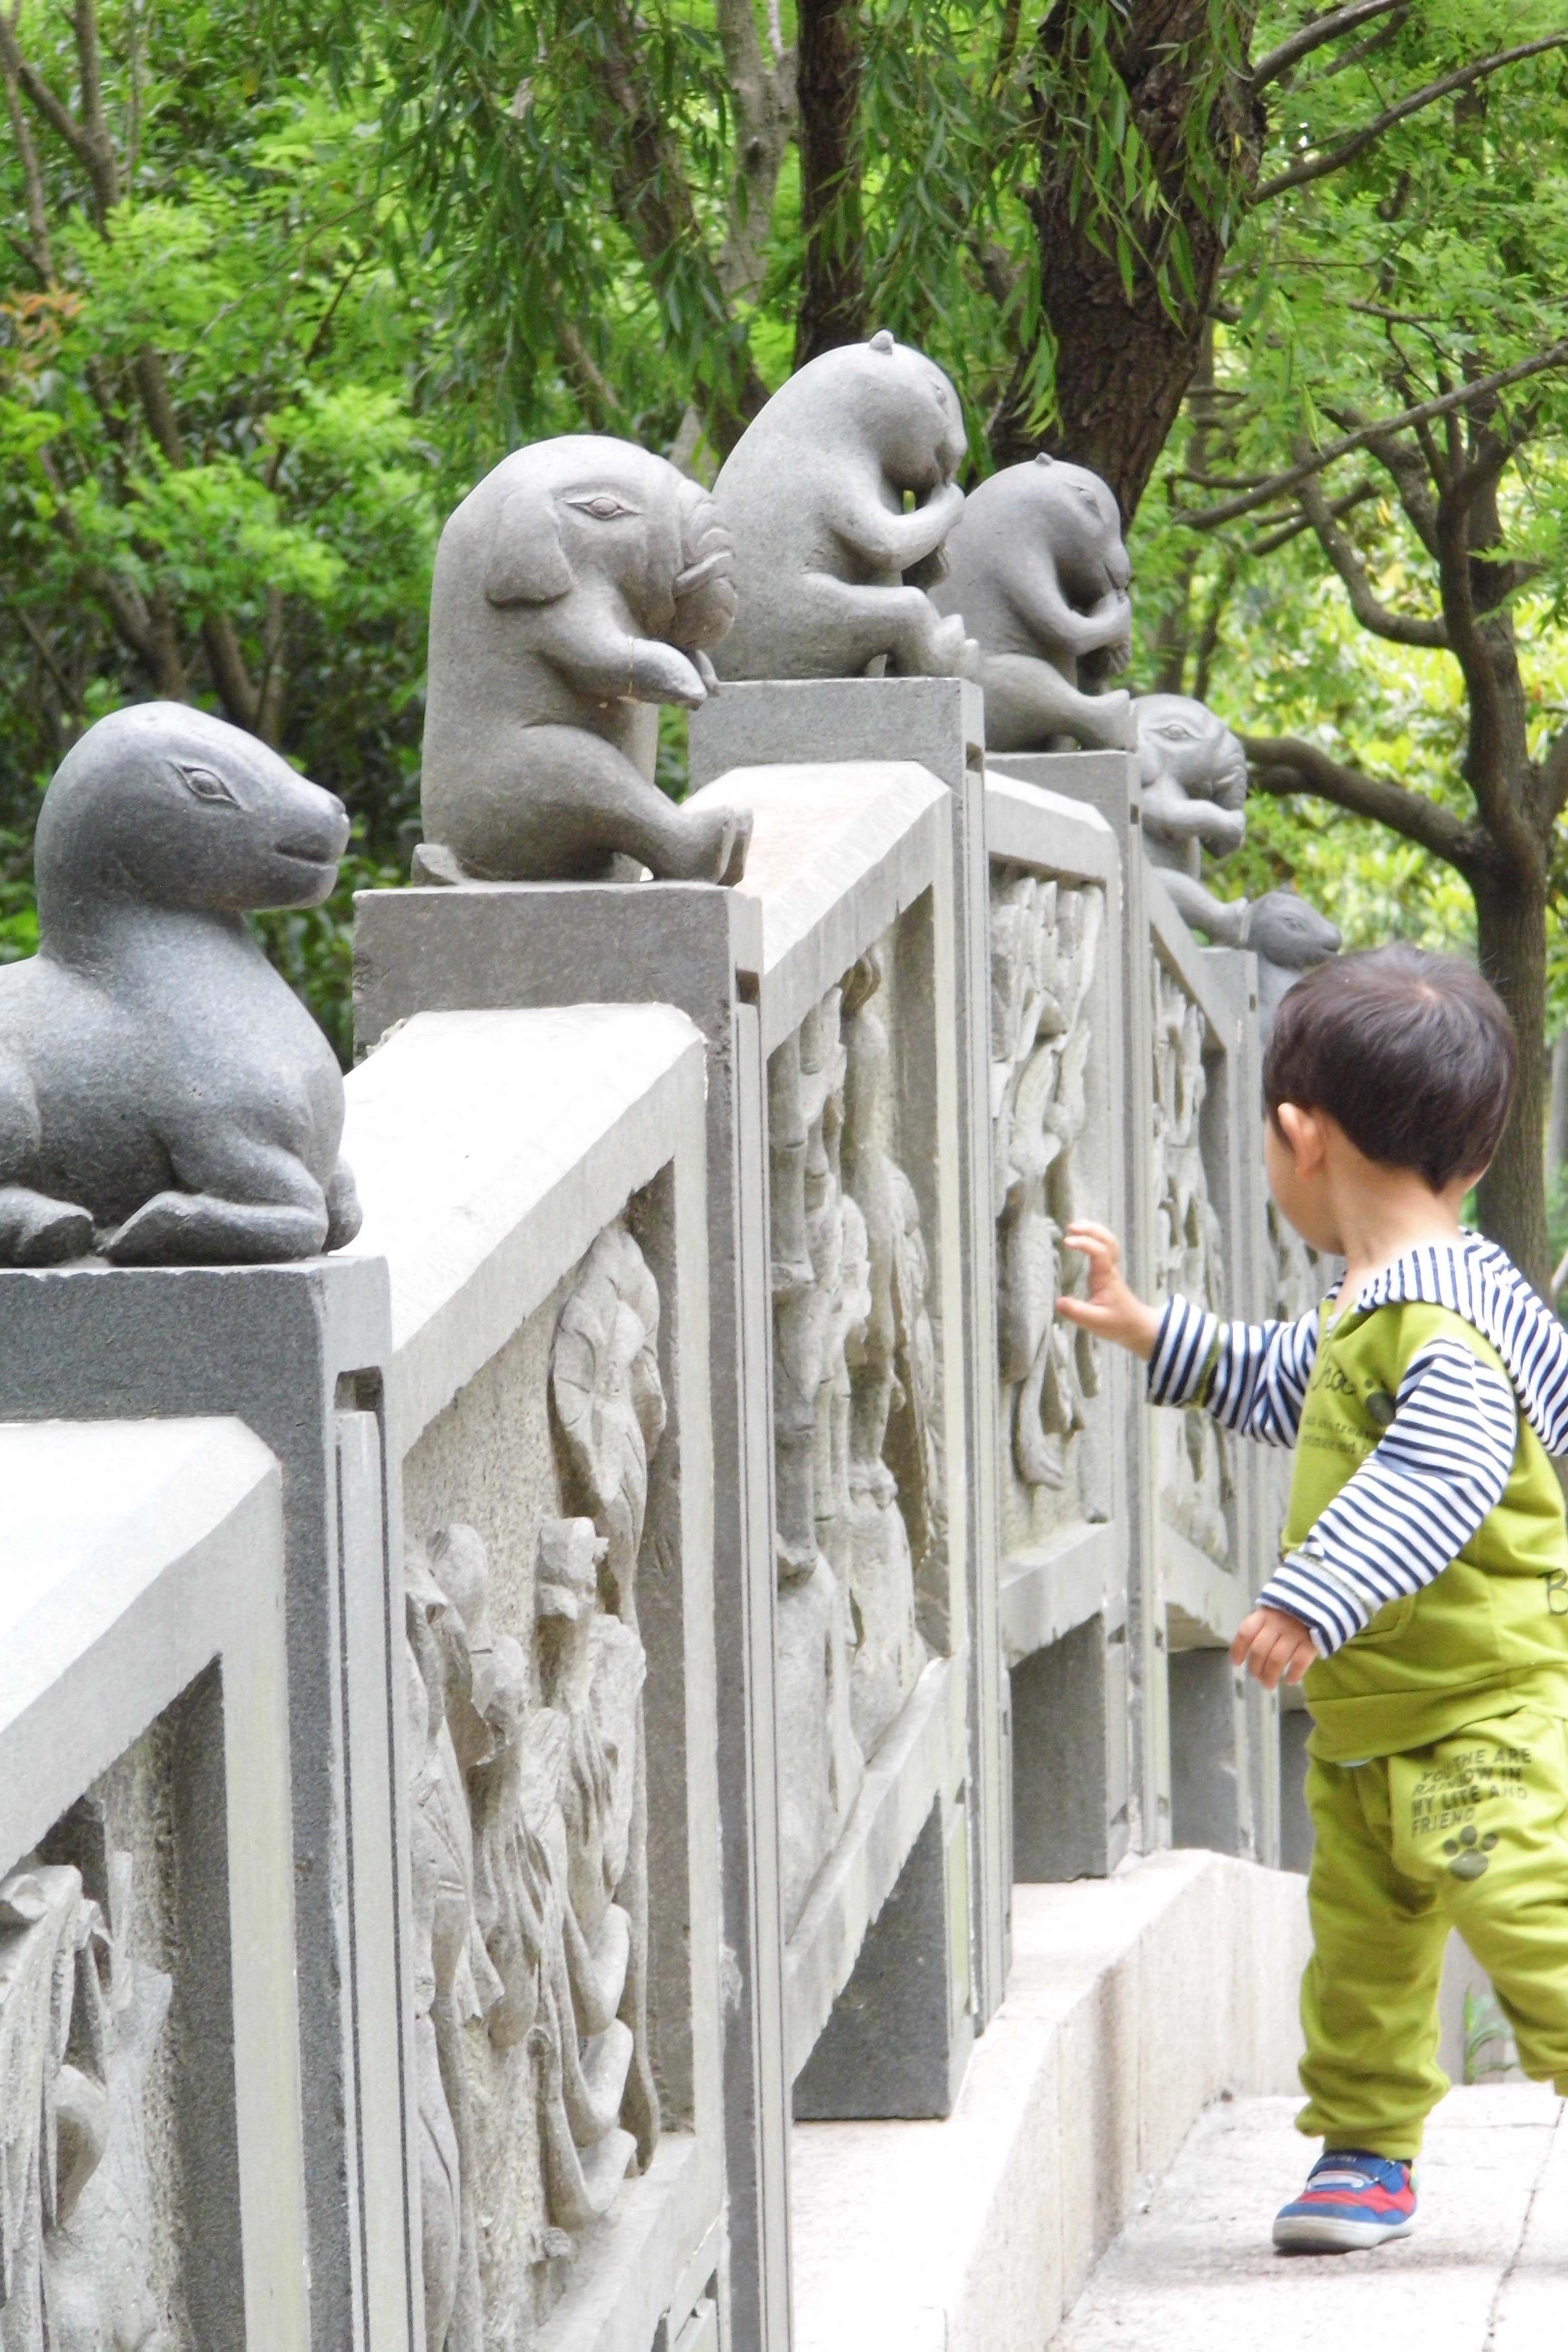 上海野生动物园|上海游记-携程旅行